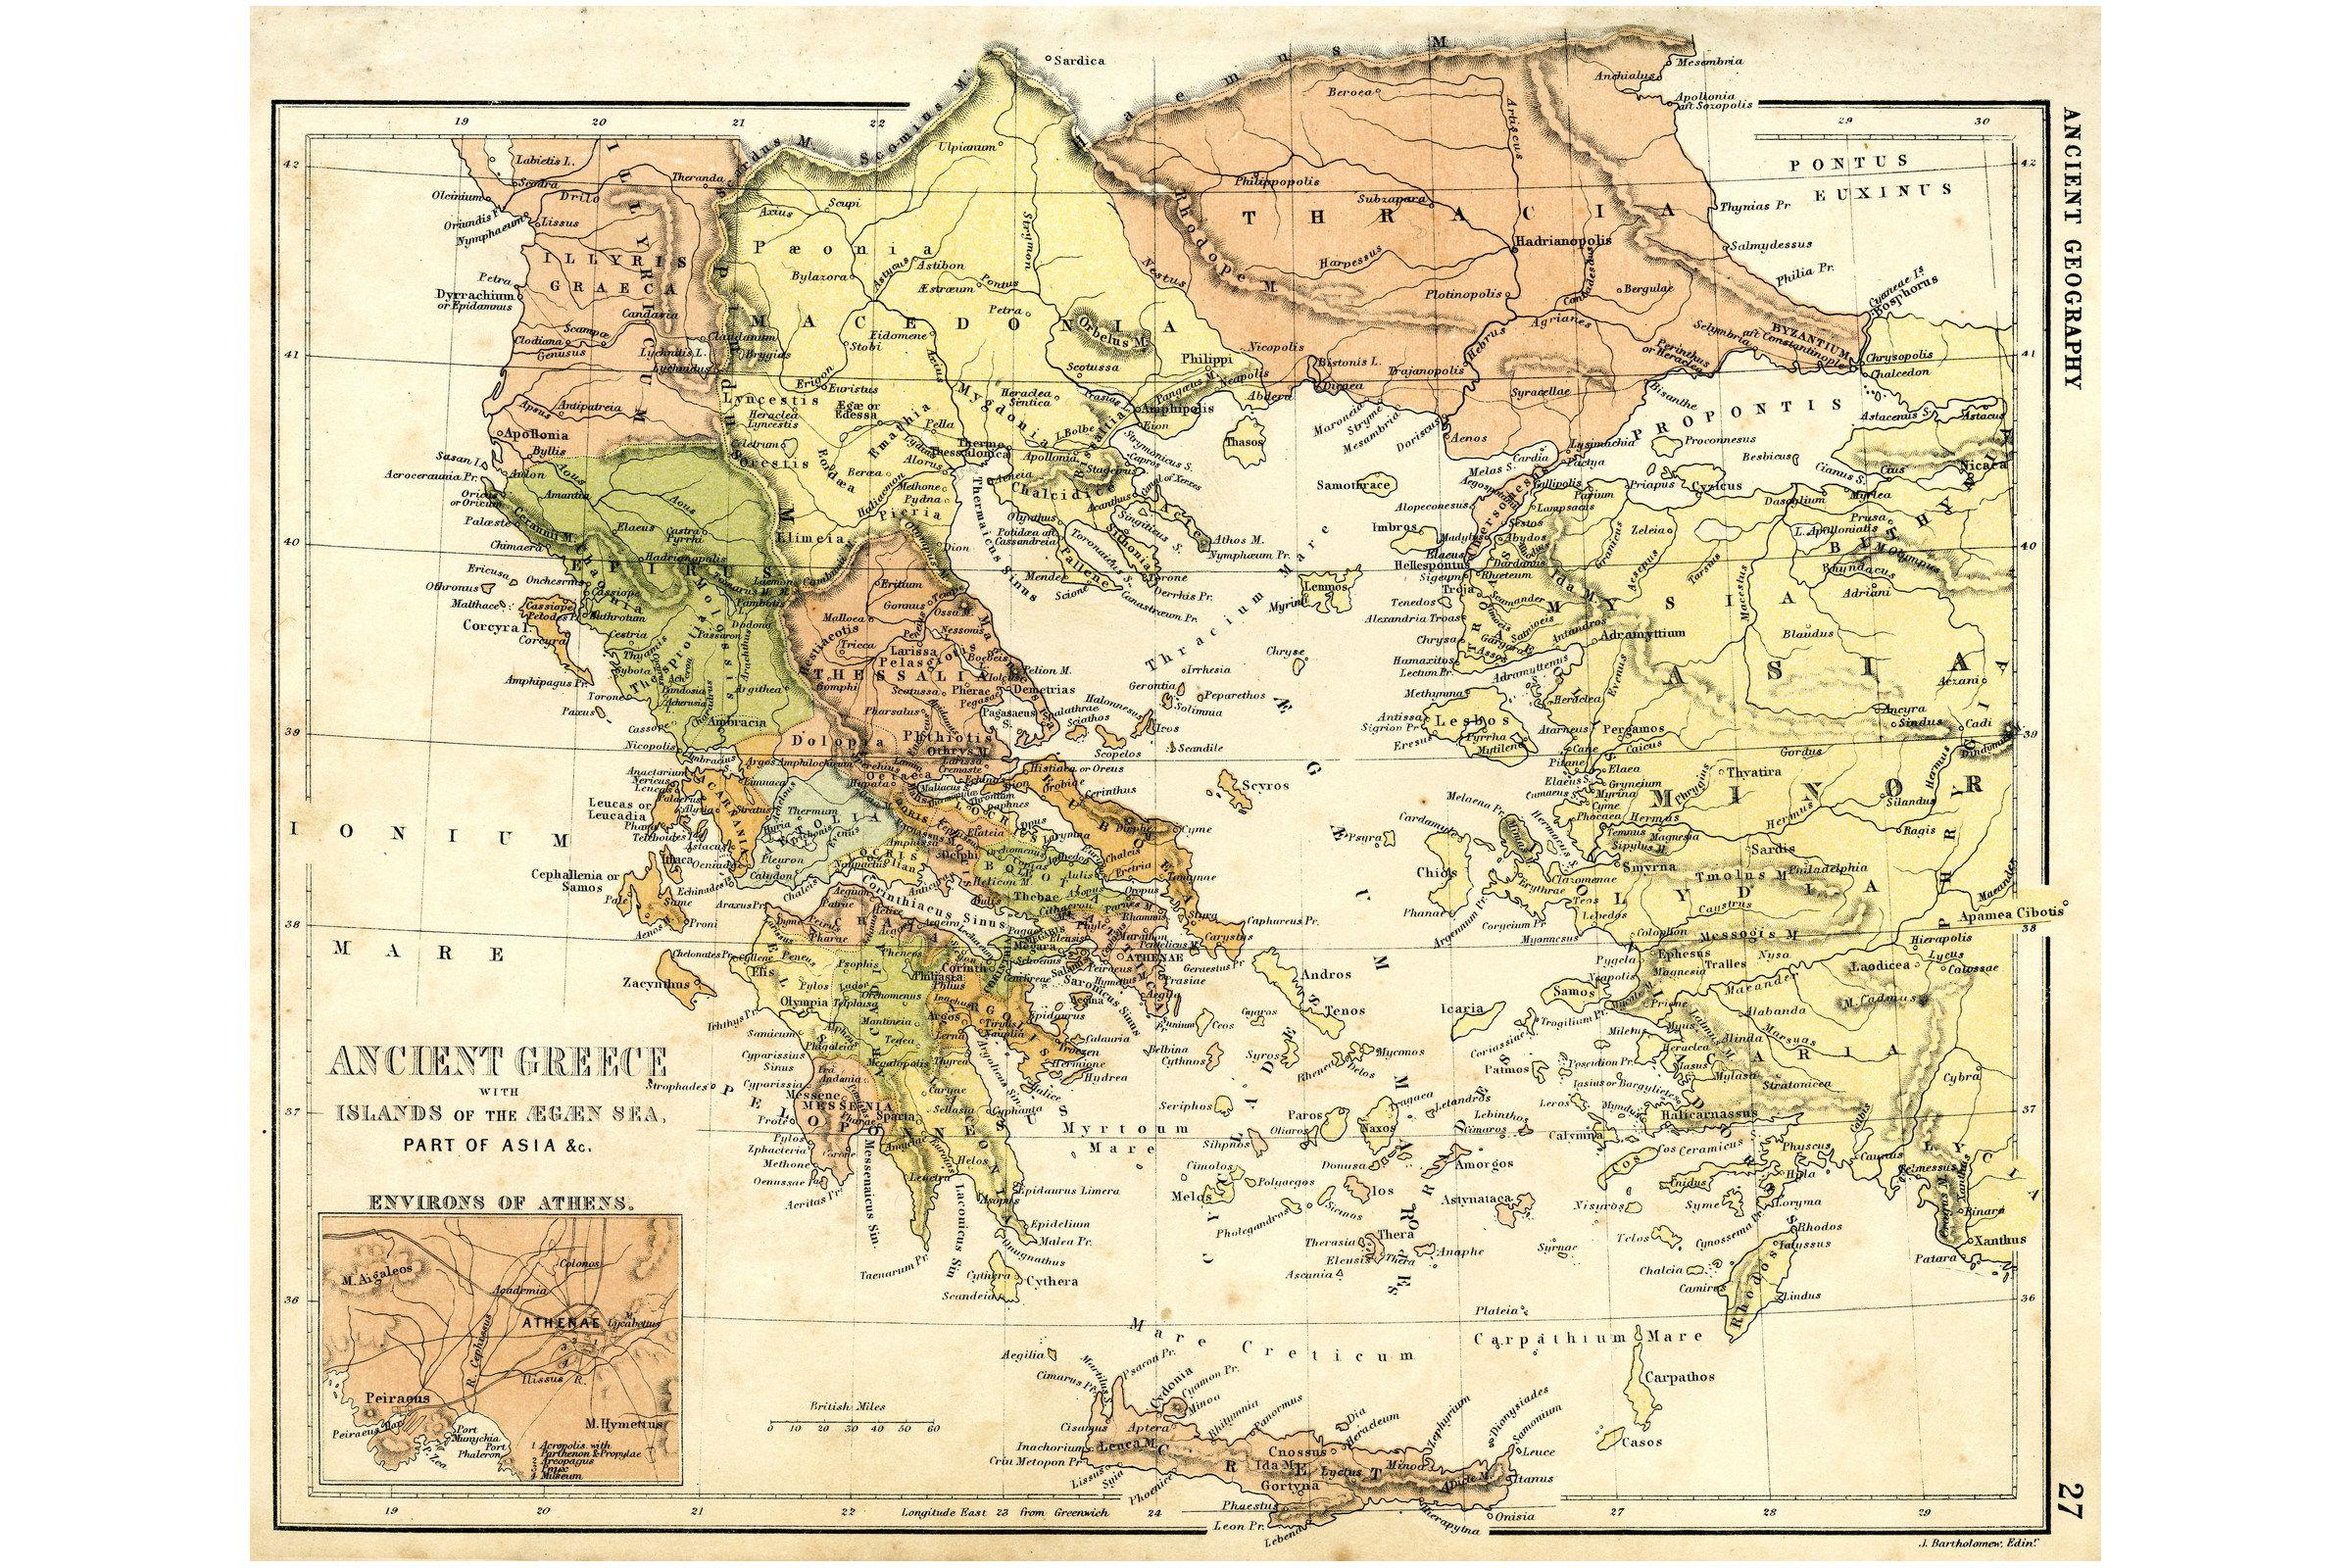 Karte des antiken Griechenland